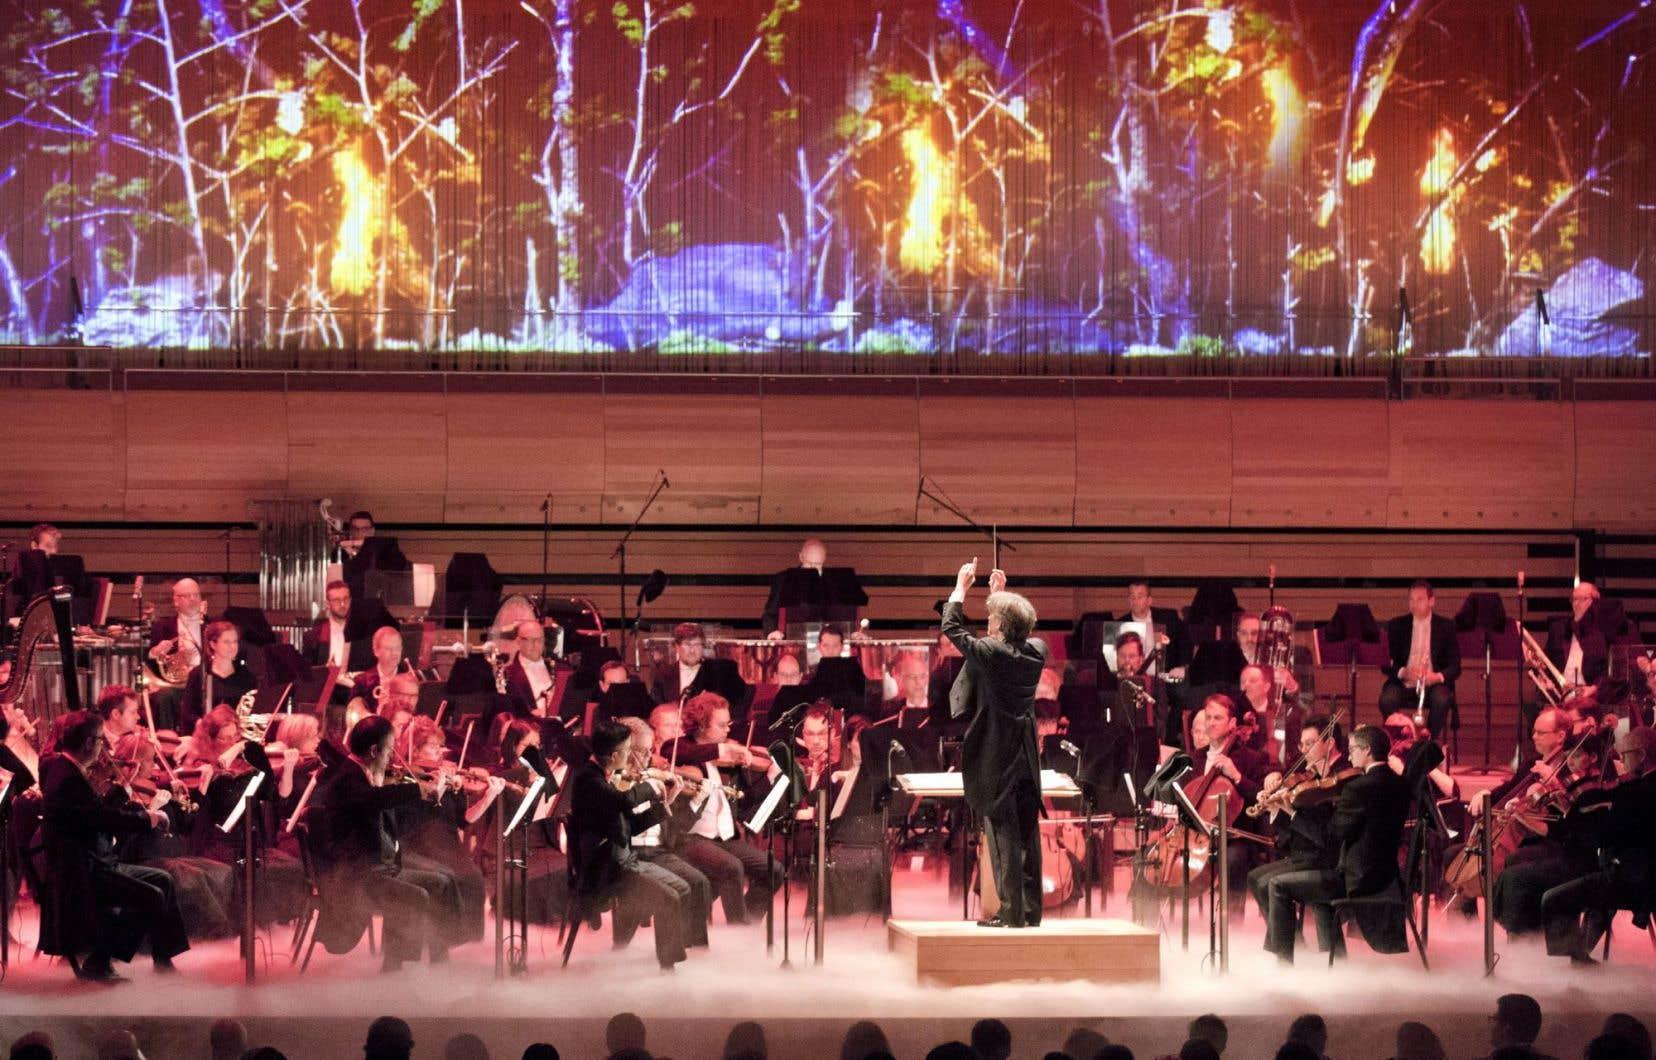 Dans le projet de «Symphonie montréalaise», le seul moment donnant une vague illusion de symbiose, c'est le 2e mouvement, le scherzo, sur le thème du feu.<br />